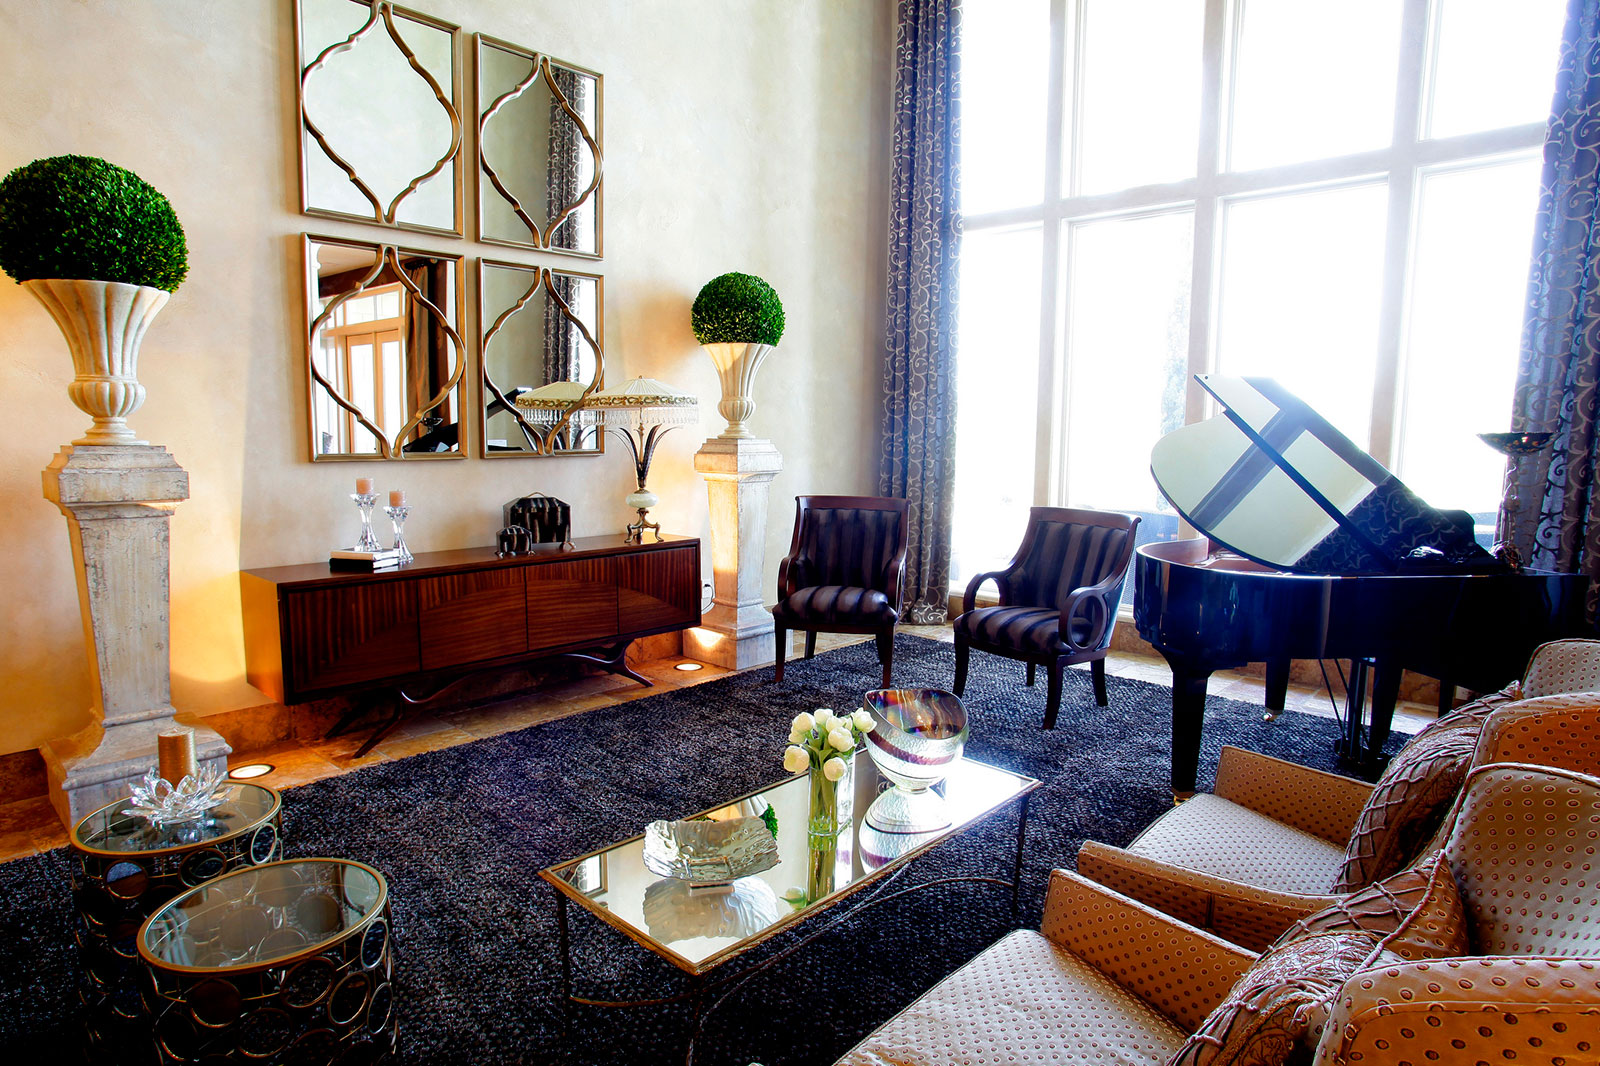 berkley-living-room-interior-design-3.jpg